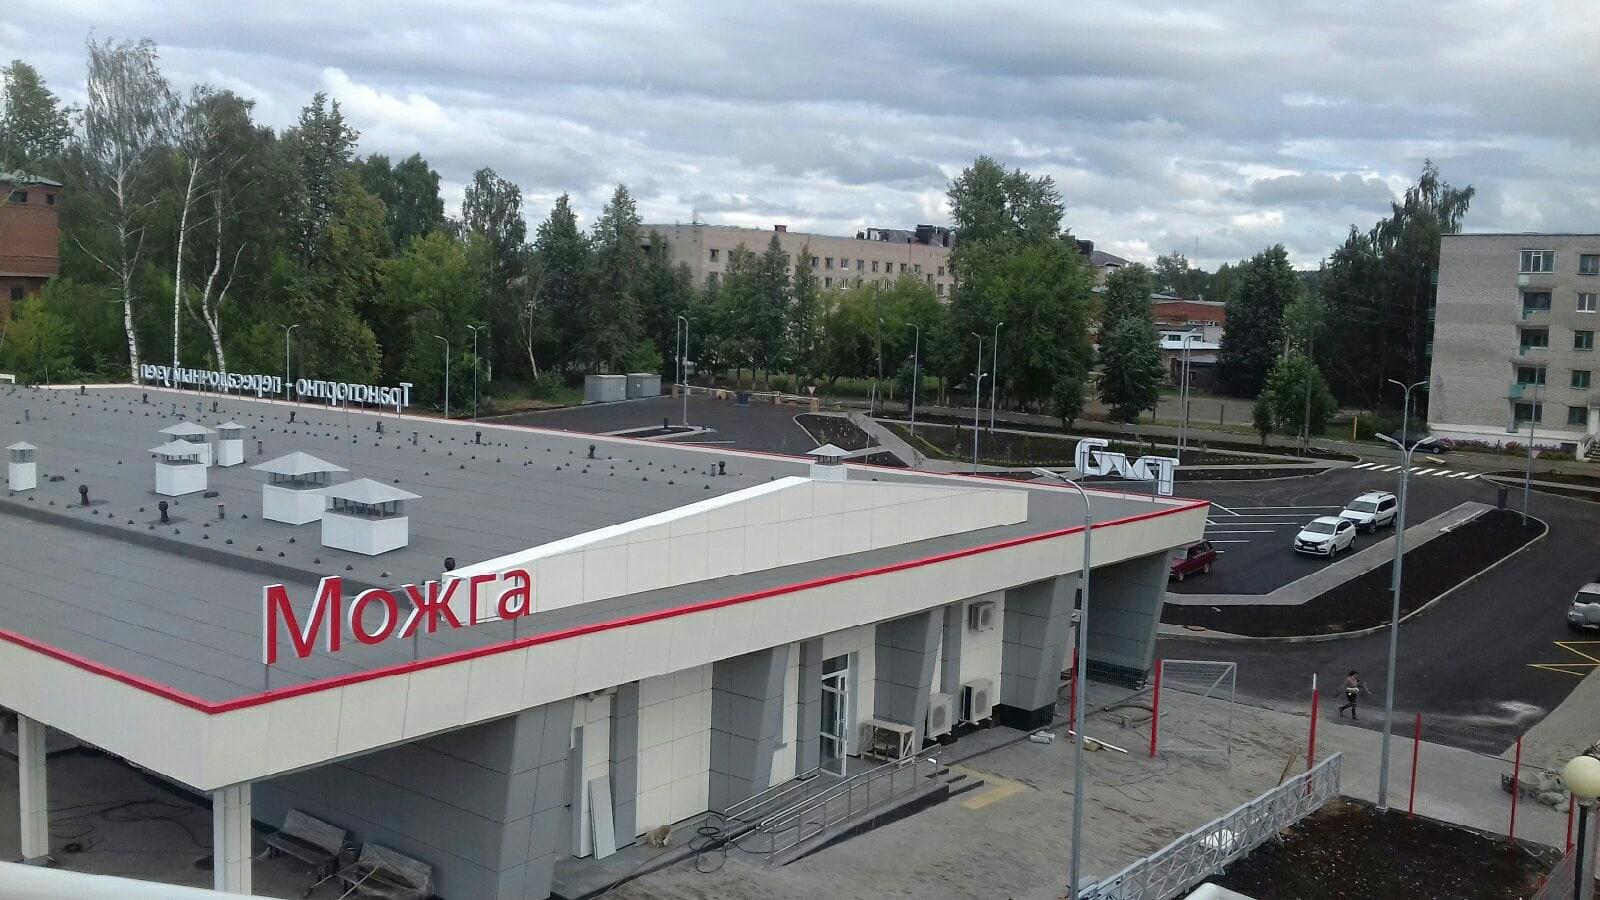 Открытие нового совмещенного вокзала в Можге состоится 9 сентября 2021 года.